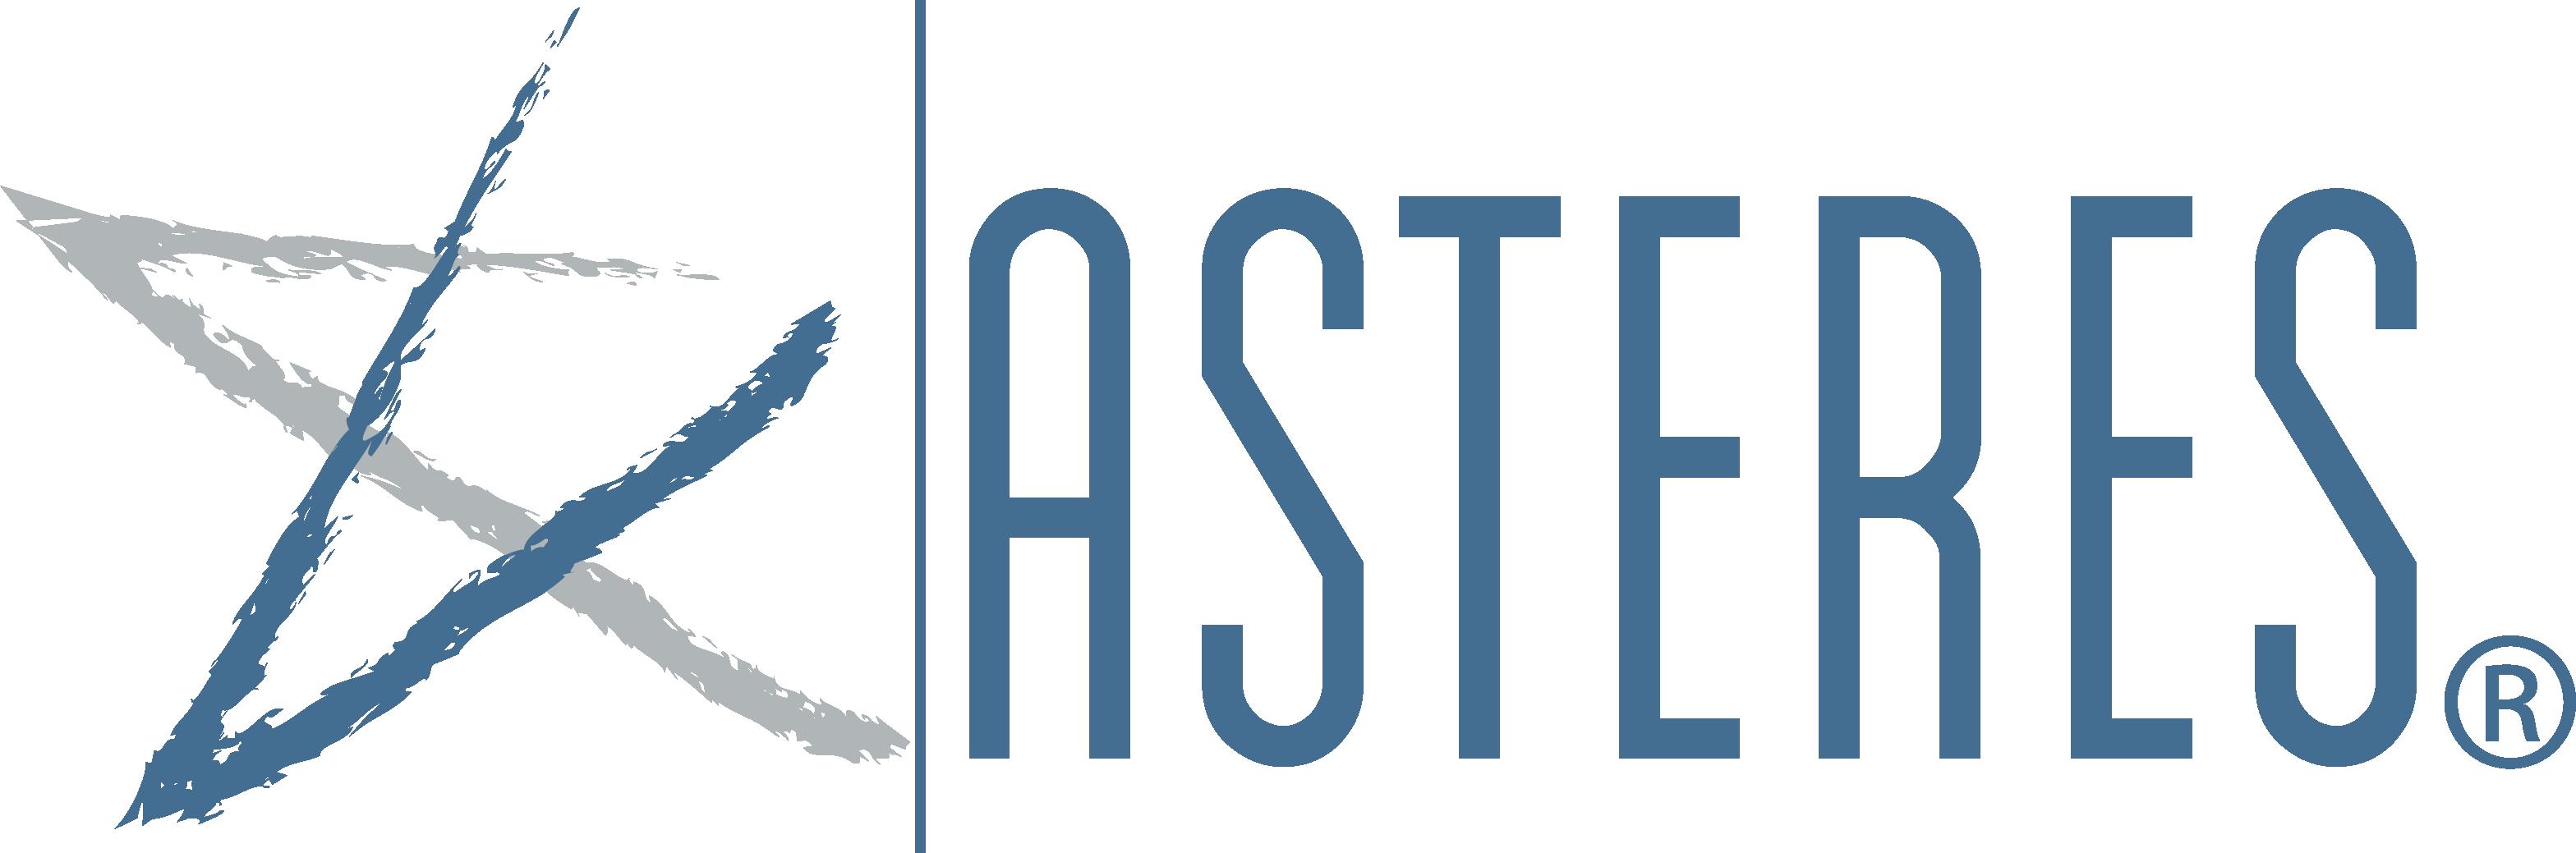 Asteres.com